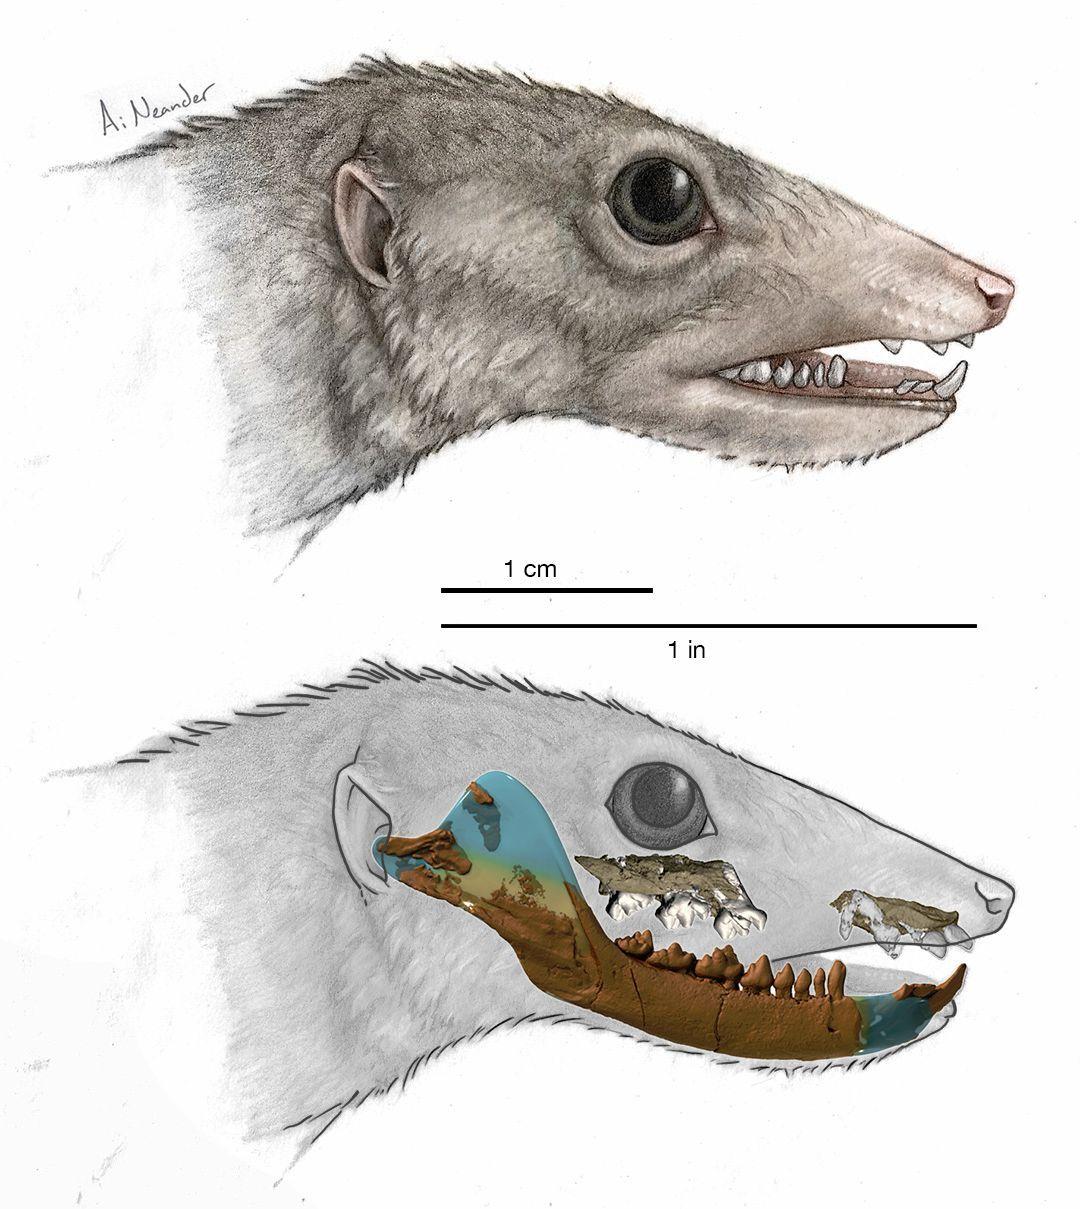 ハイテク機器で再調査された「原始哺乳類」は「哺乳類以前」だった_c0025115_20003042.jpg